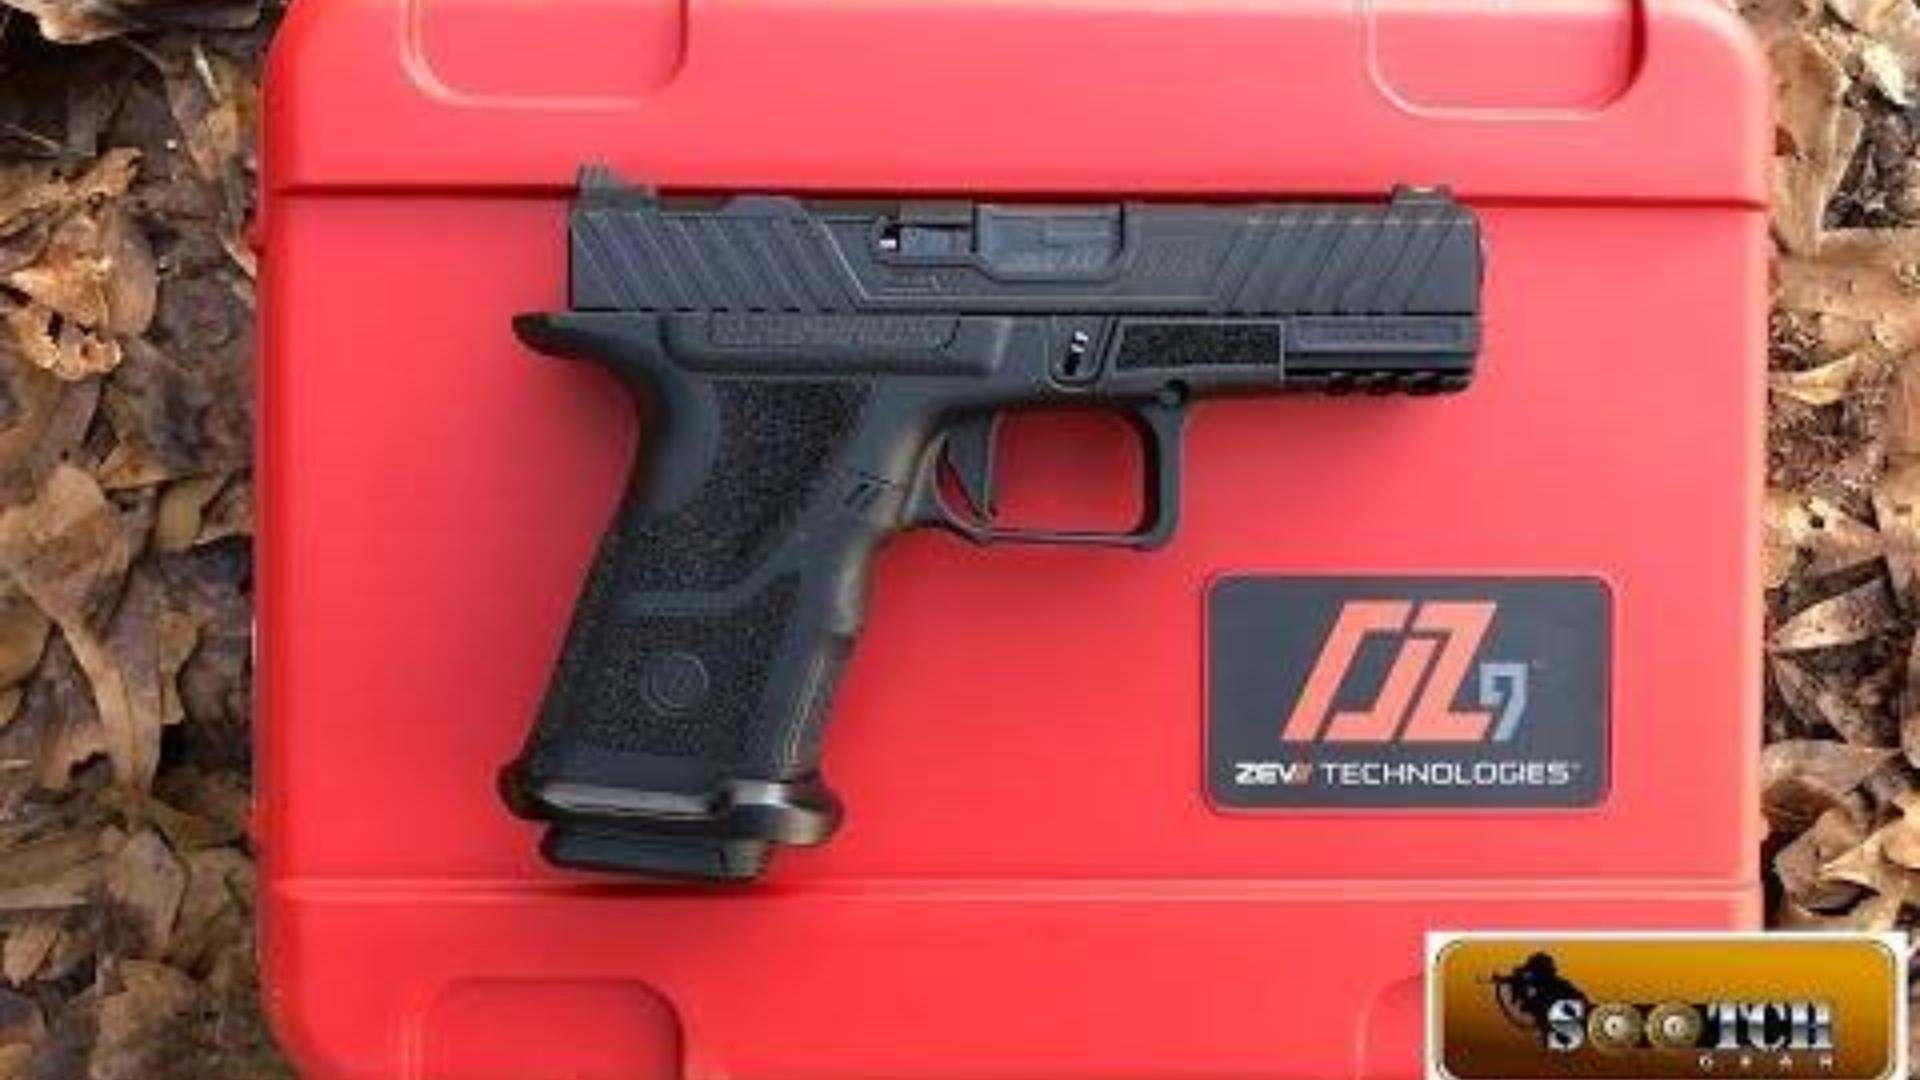 [sootch00]Zev 0Z9紧凑式手枪